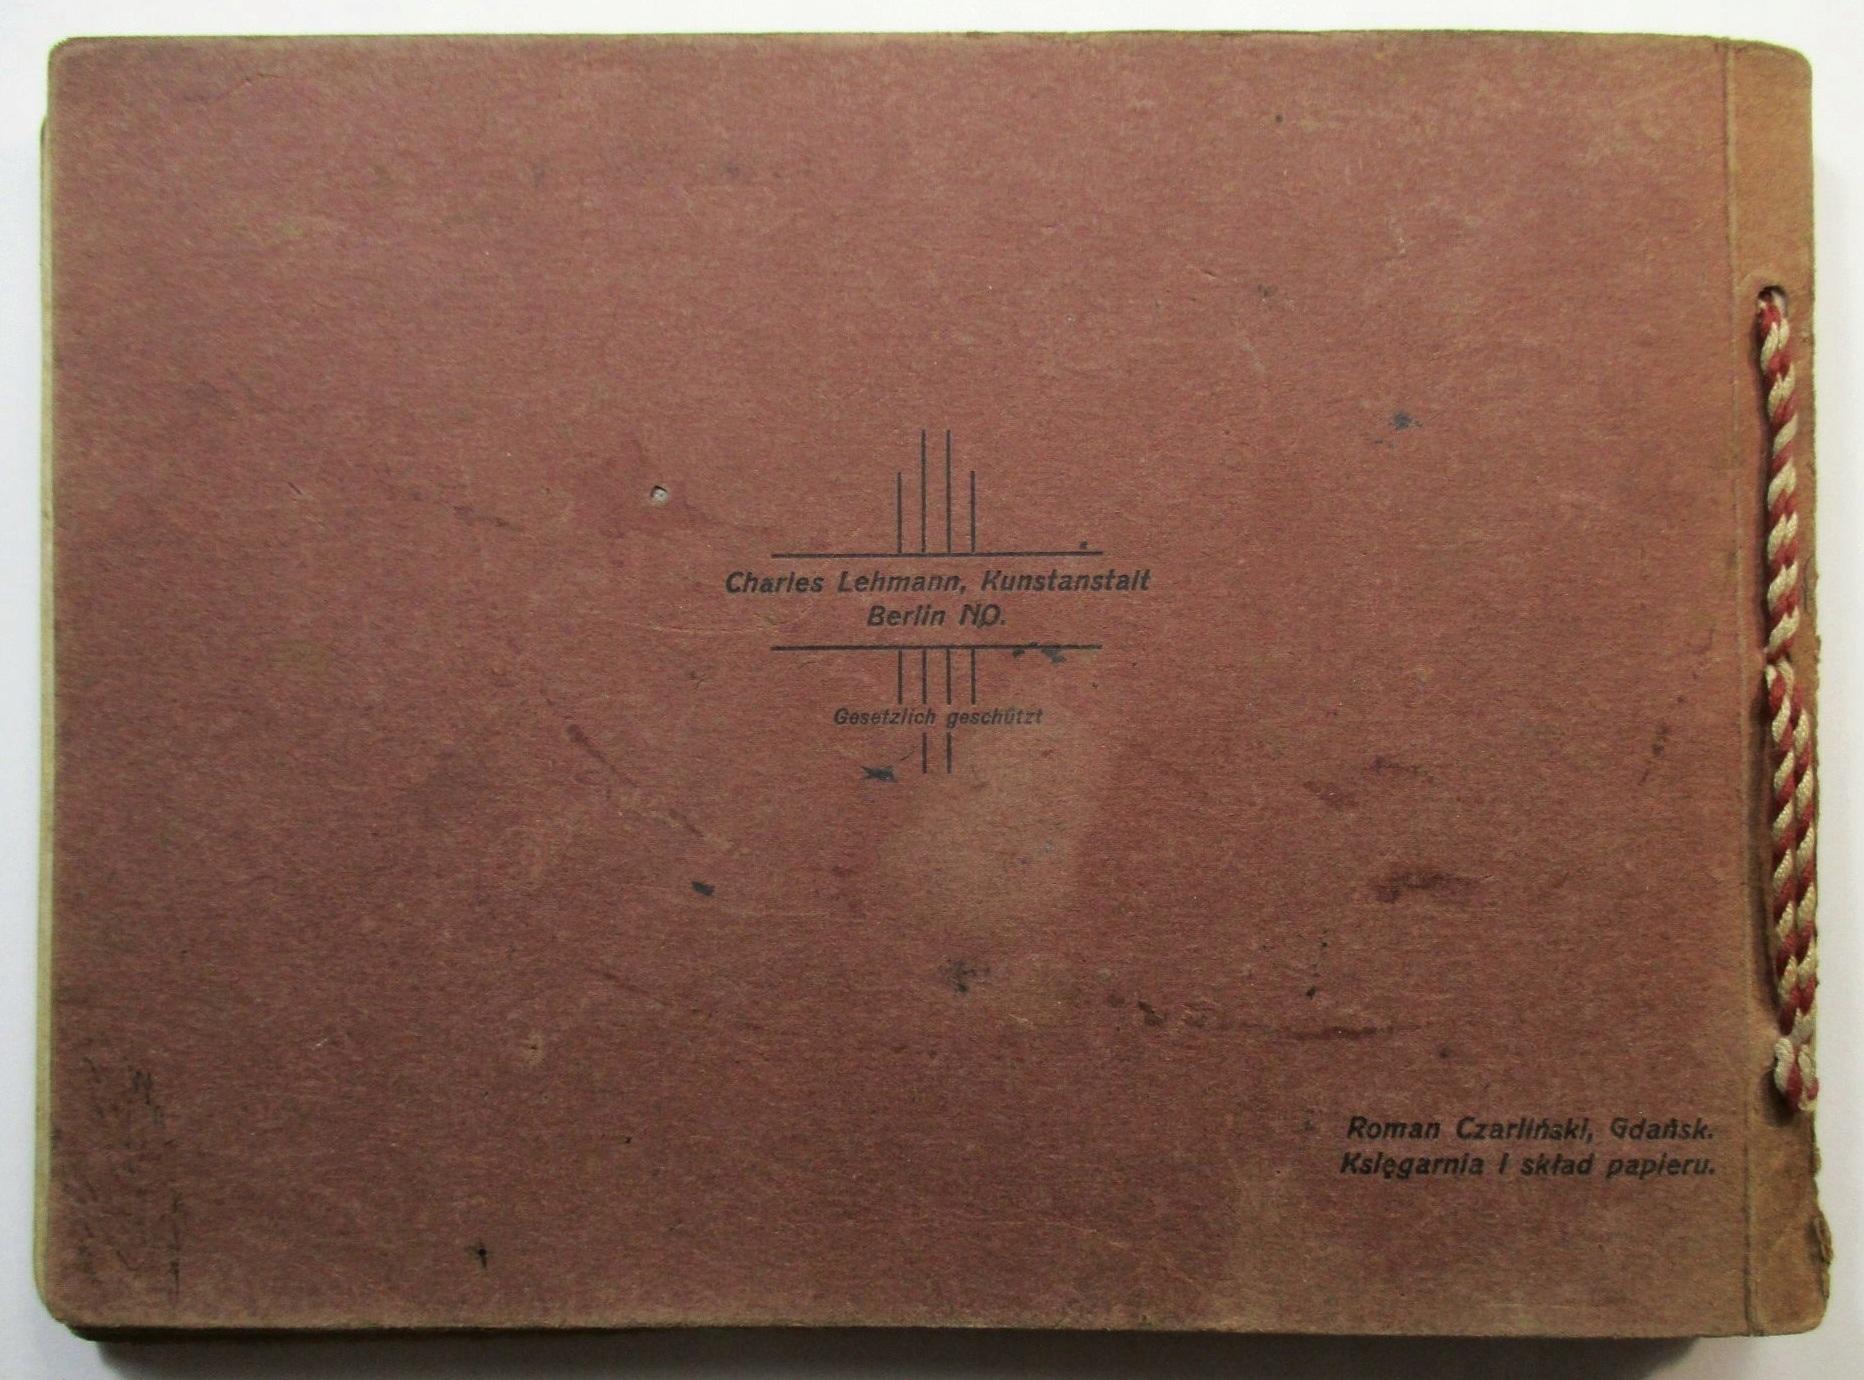 Wspaniały Album Gdańska Oliwy i Sopot, JĘZYK POLSKI, 1908 - 7432457541 LQ09